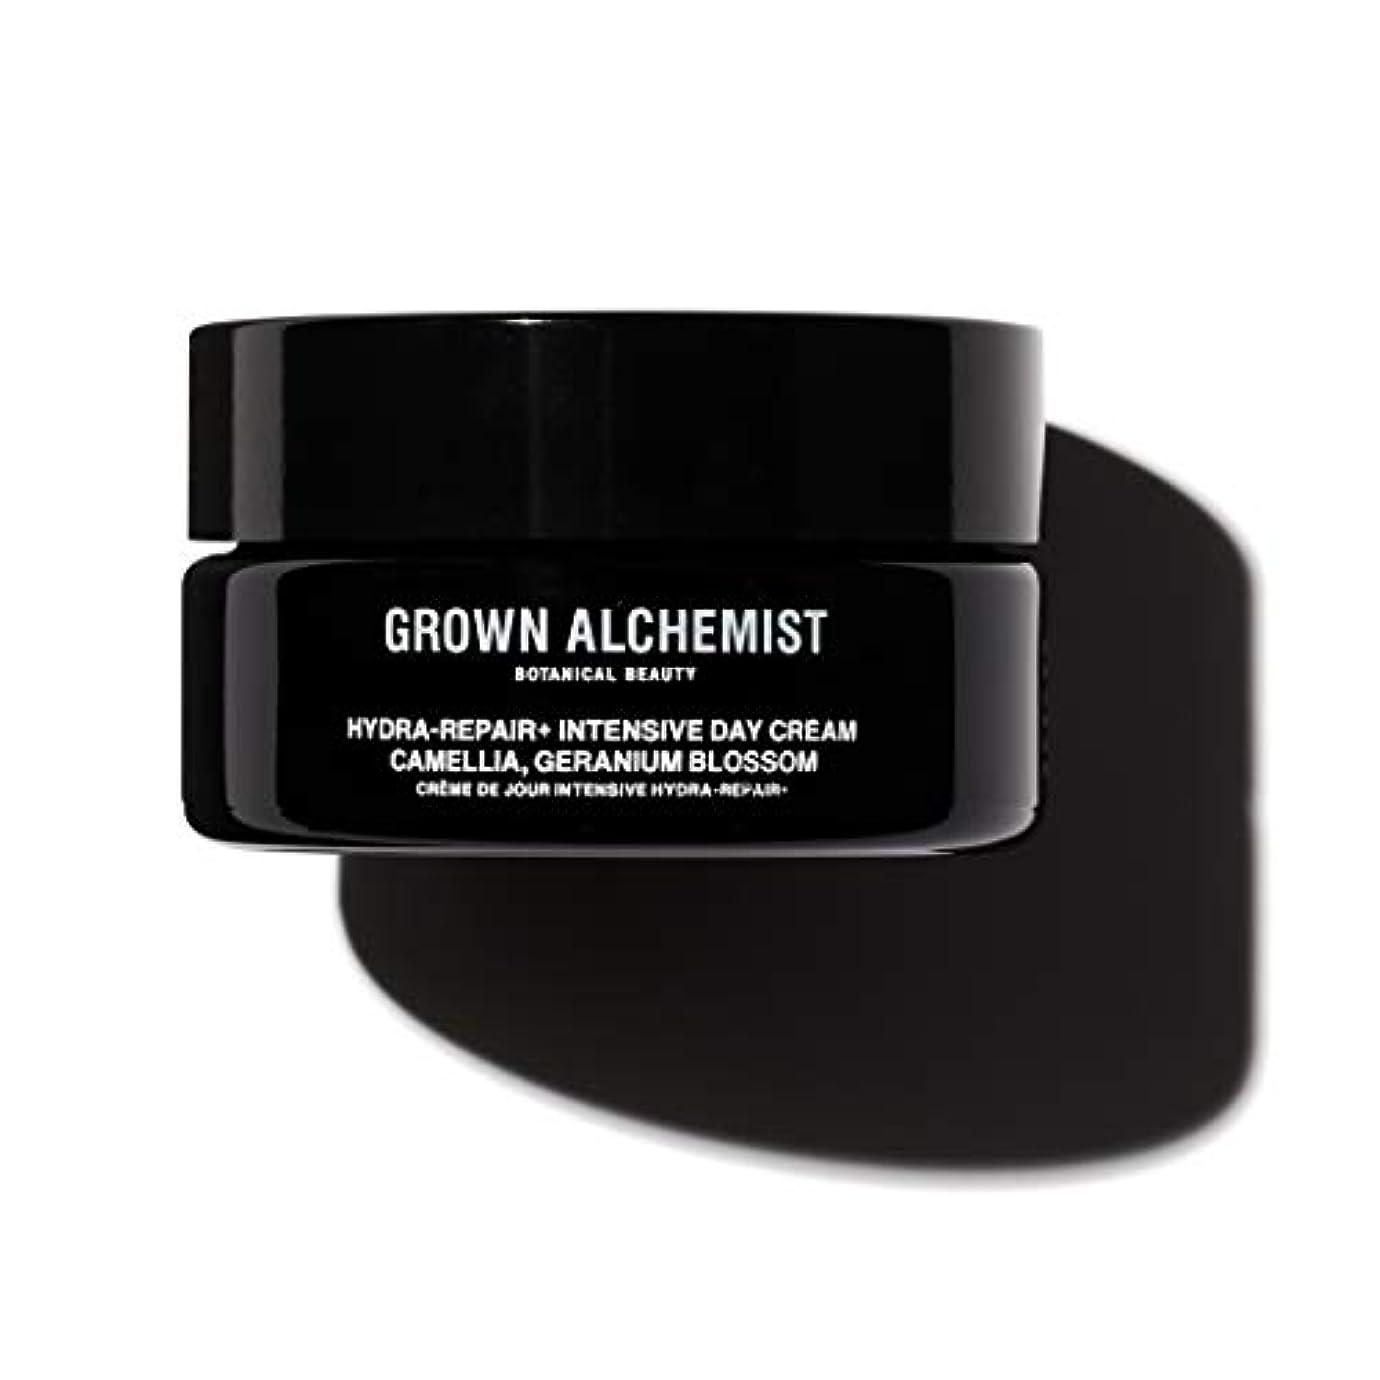 リア王音楽優雅なGrown Alchemist Hydra-Repair+ Intensive Day Cream - Camellia & Geranium Blossom 40ml/1.35oz並行輸入品